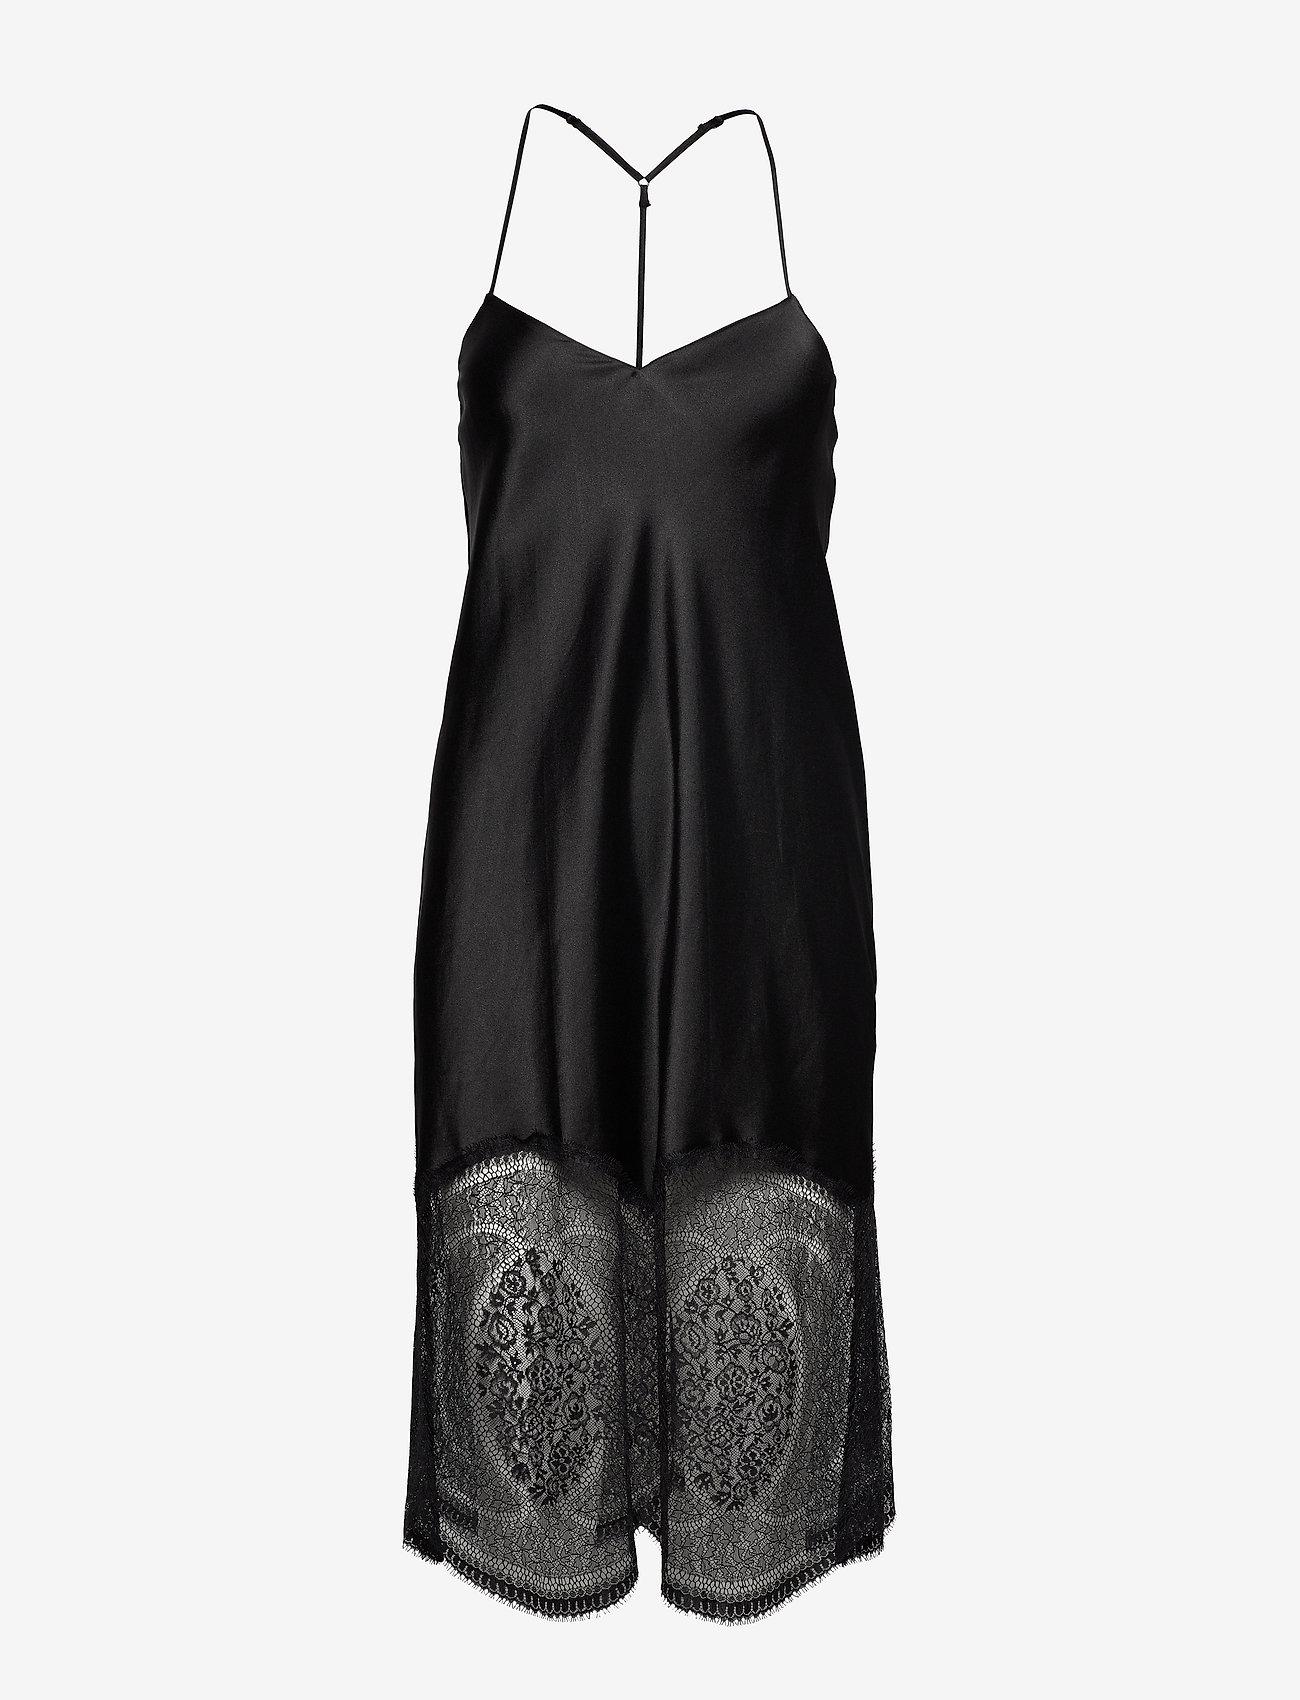 Calvin Klein - CHEMISE - bodies & slips - black - 0